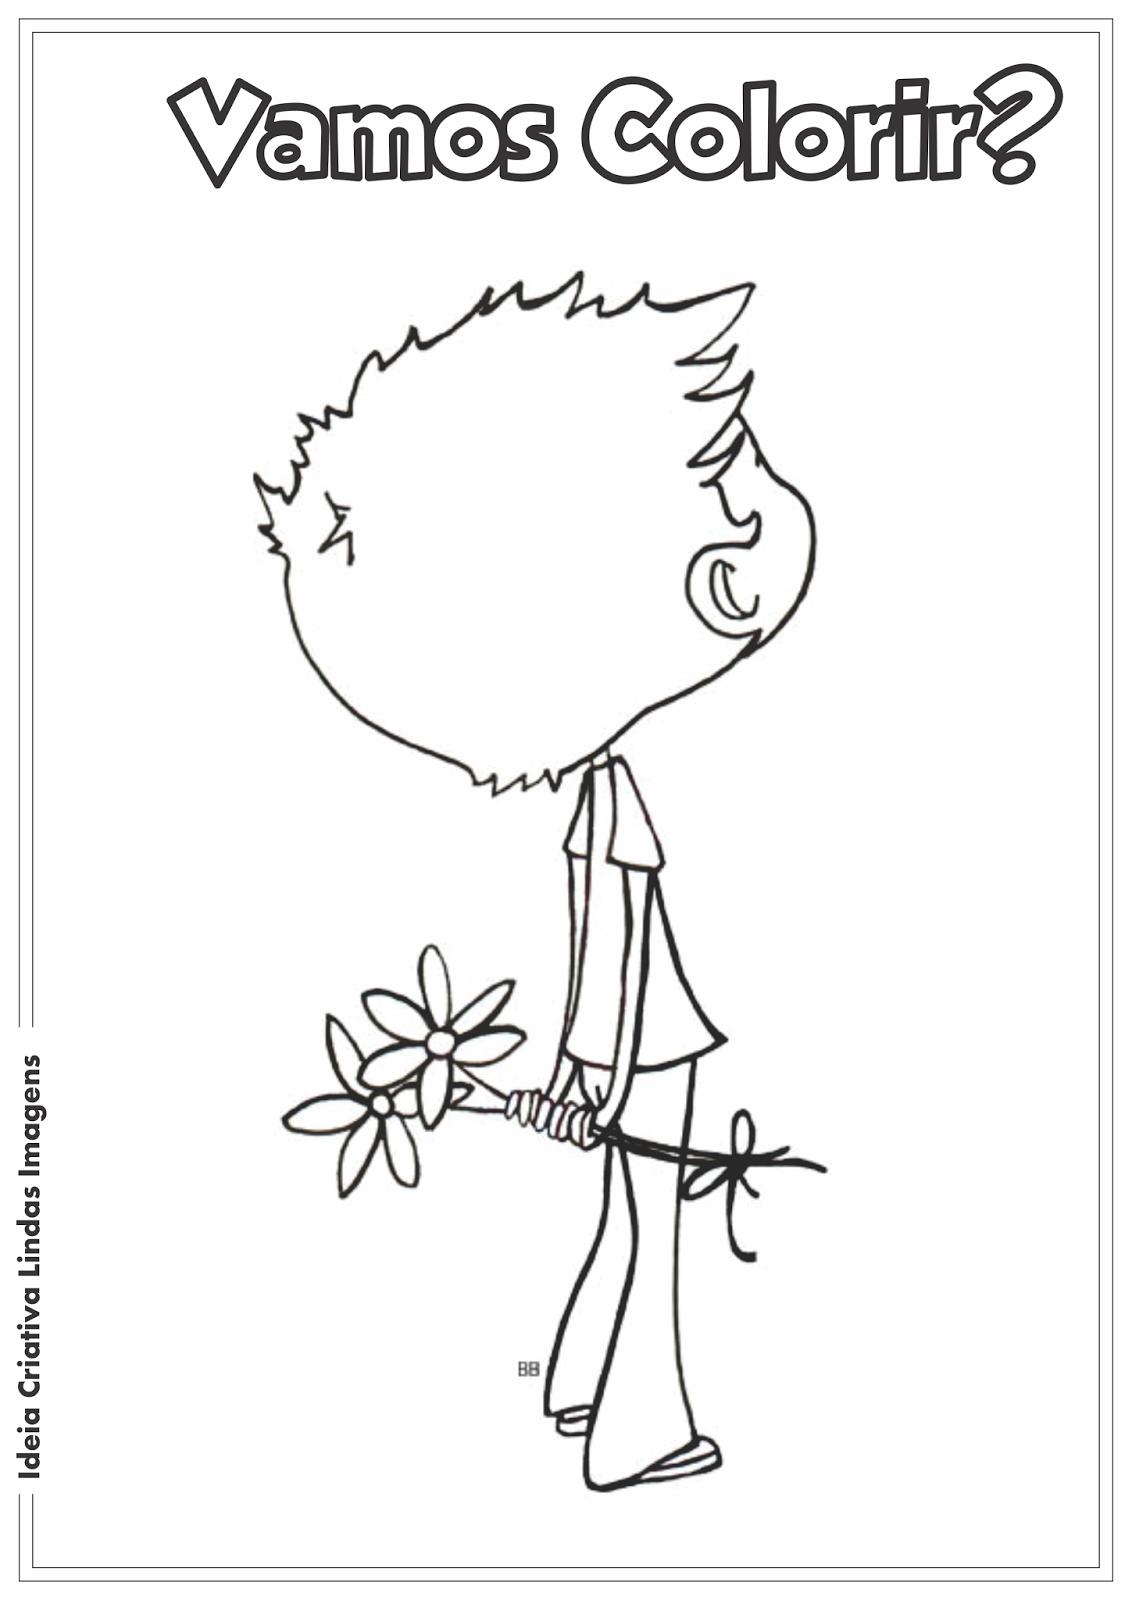 Dia dos pais/Dia das mães desenho para colorir